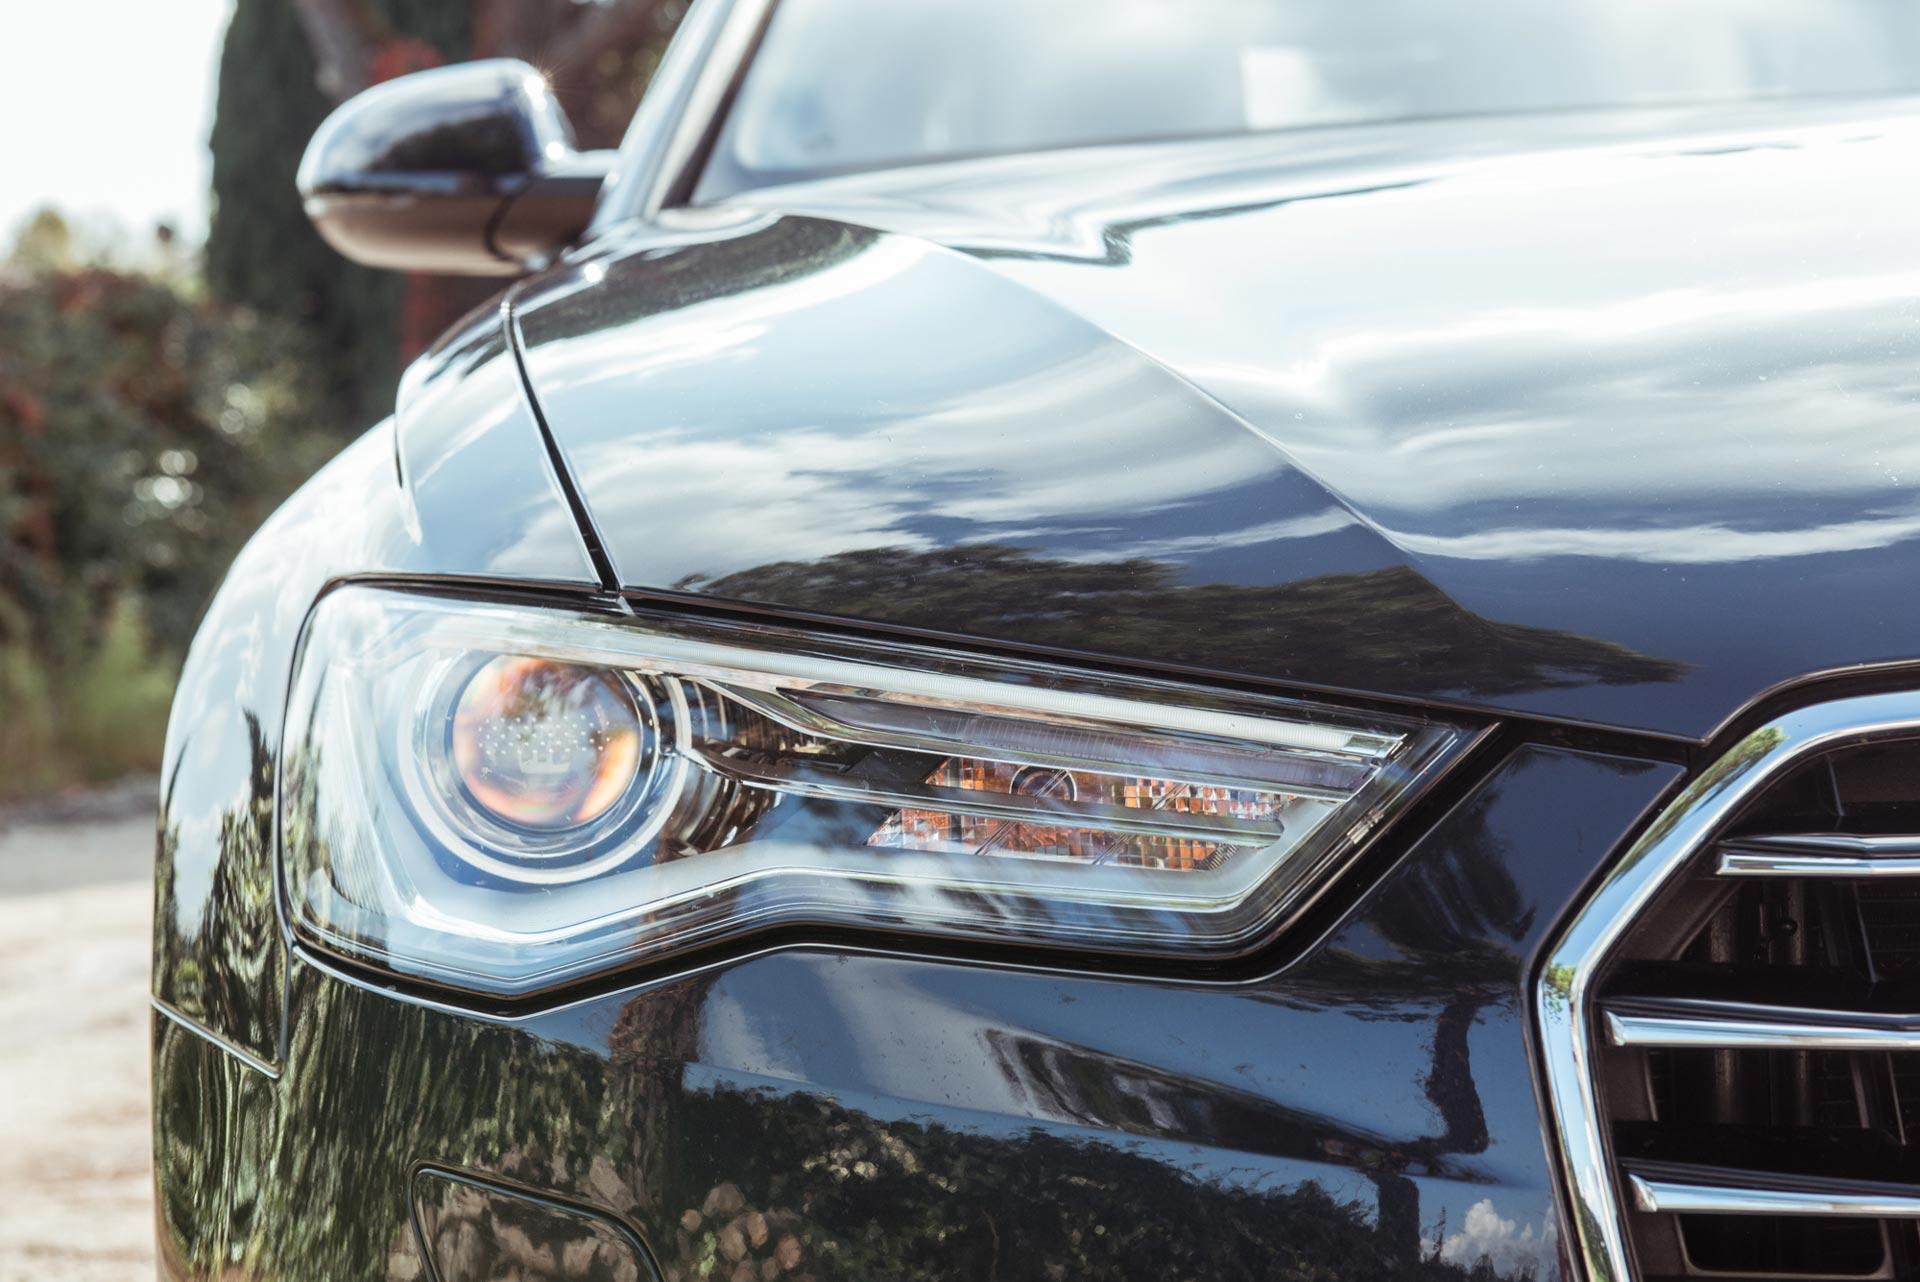 Audi A6 Pasqualini Noleggio Con Conducente Verona 6